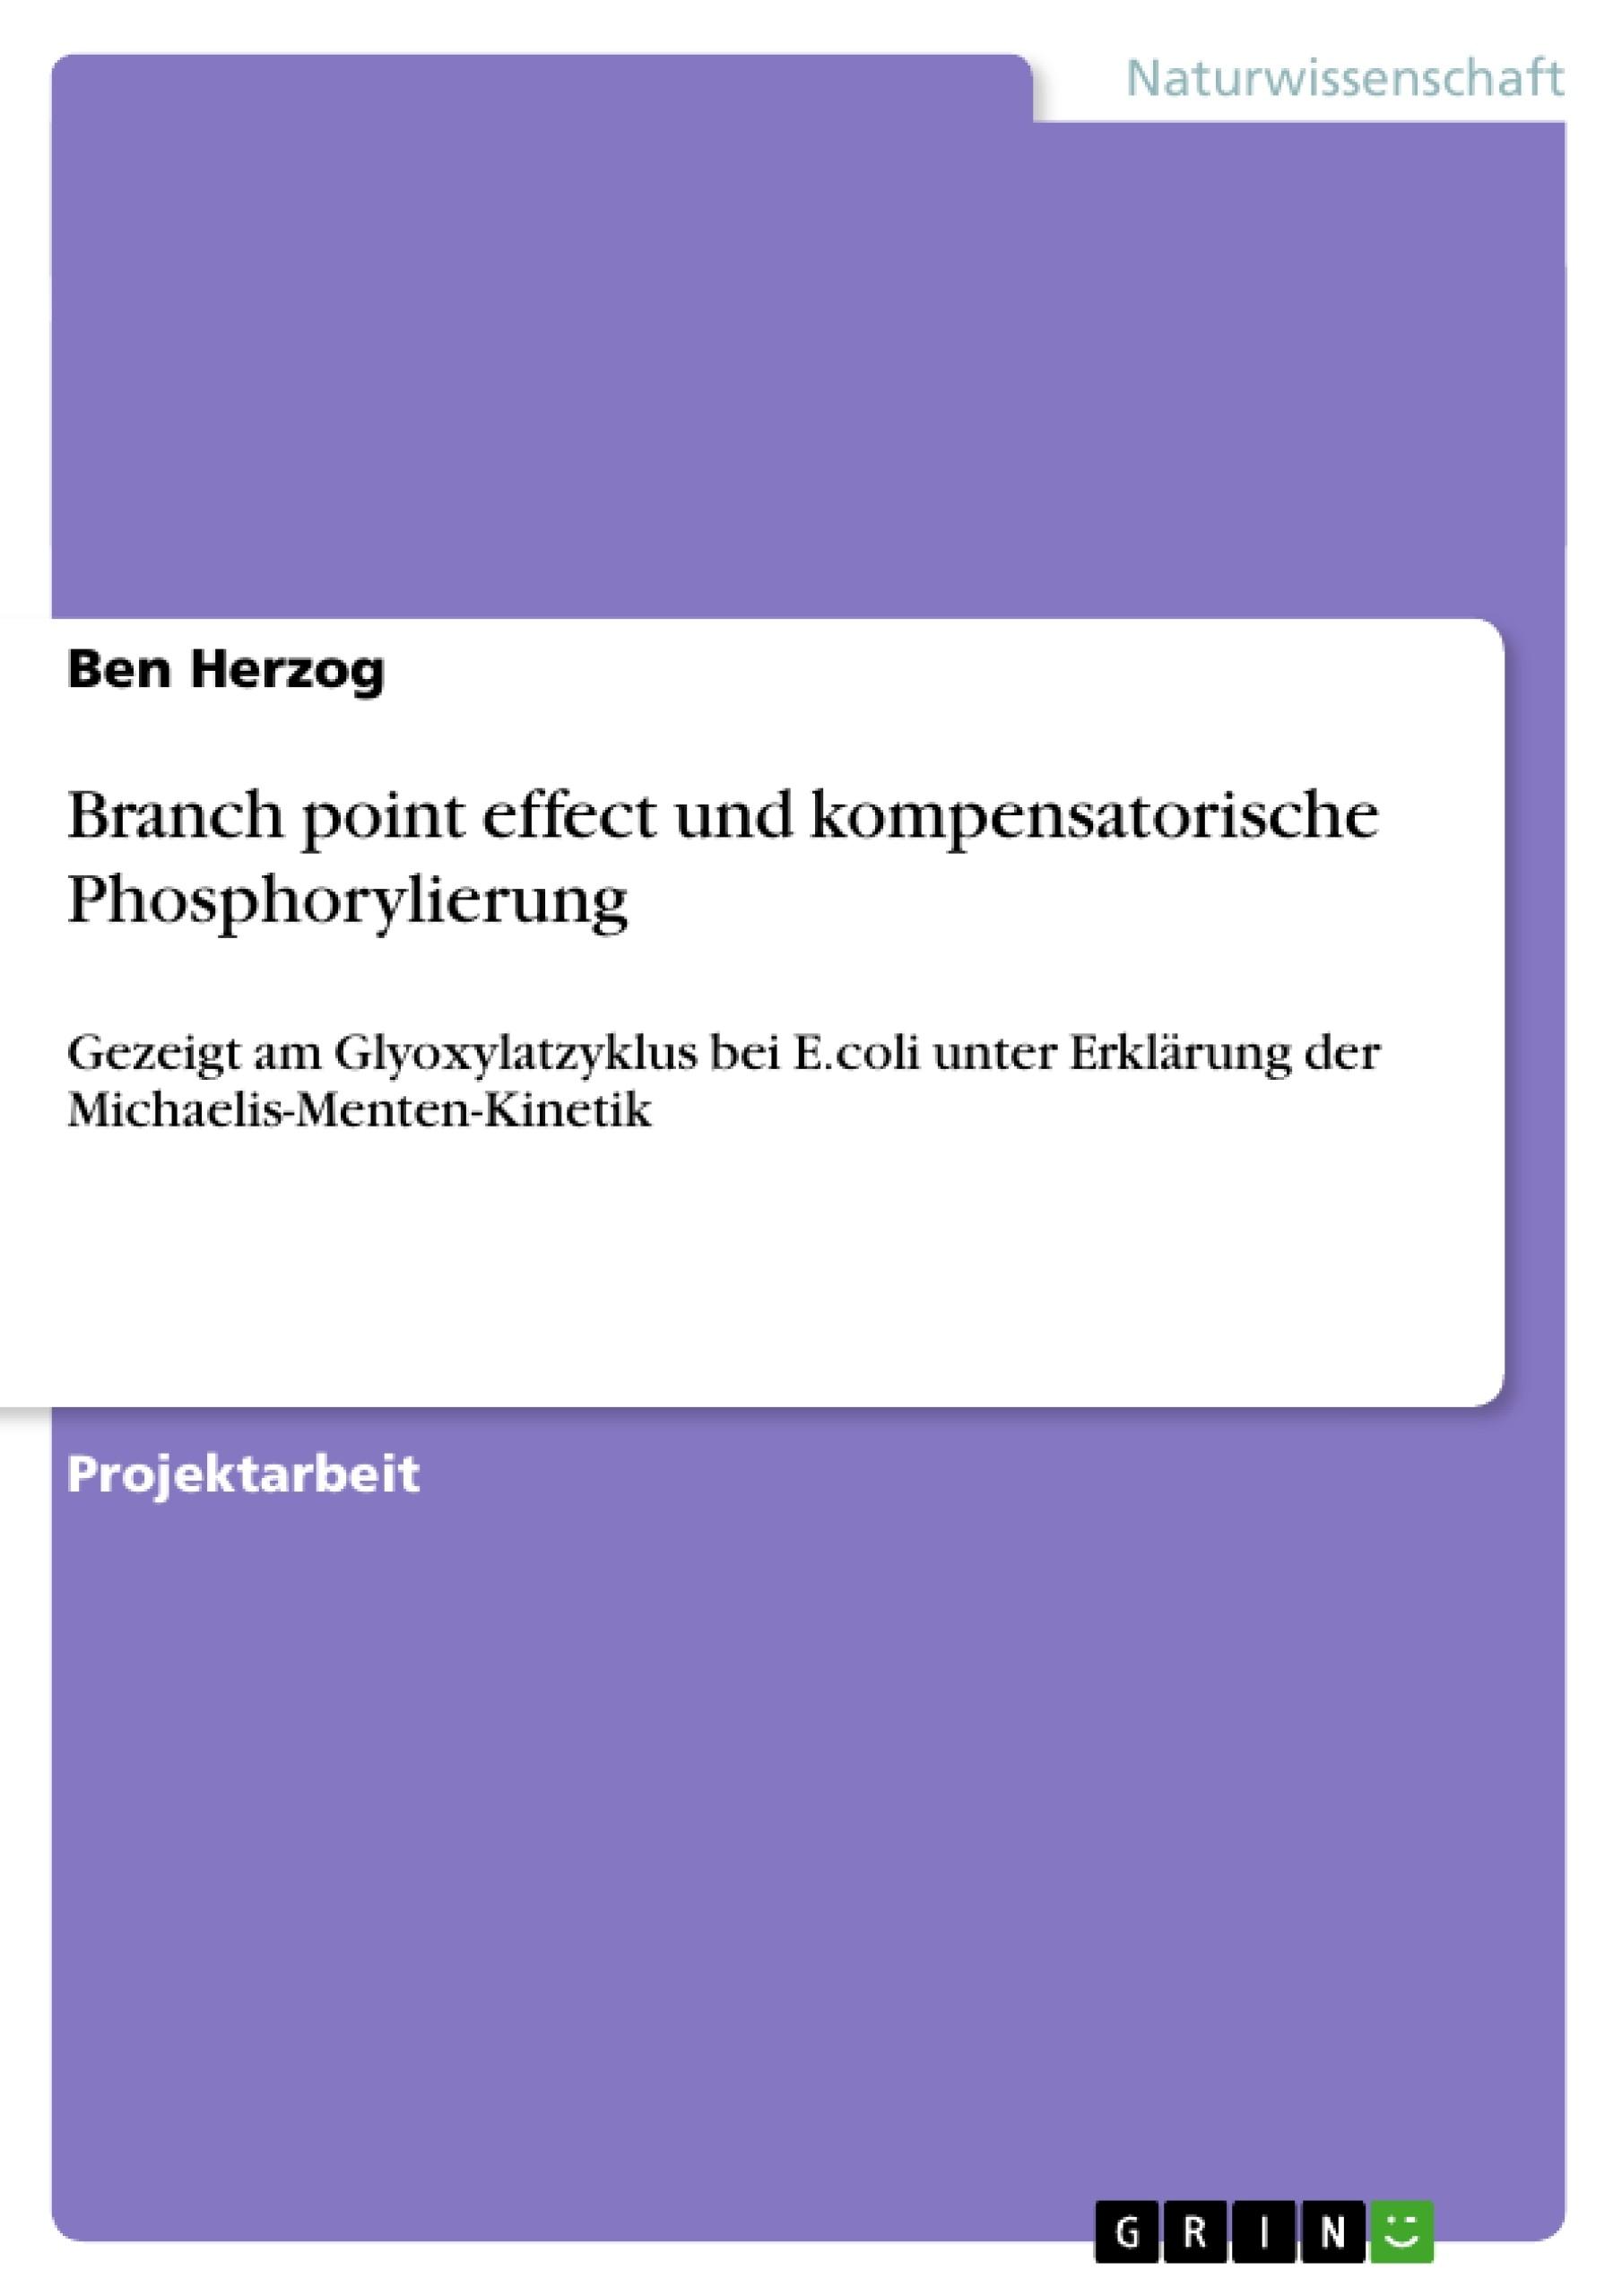 Titel: Branch point effect und kompensatorische Phosphorylierung